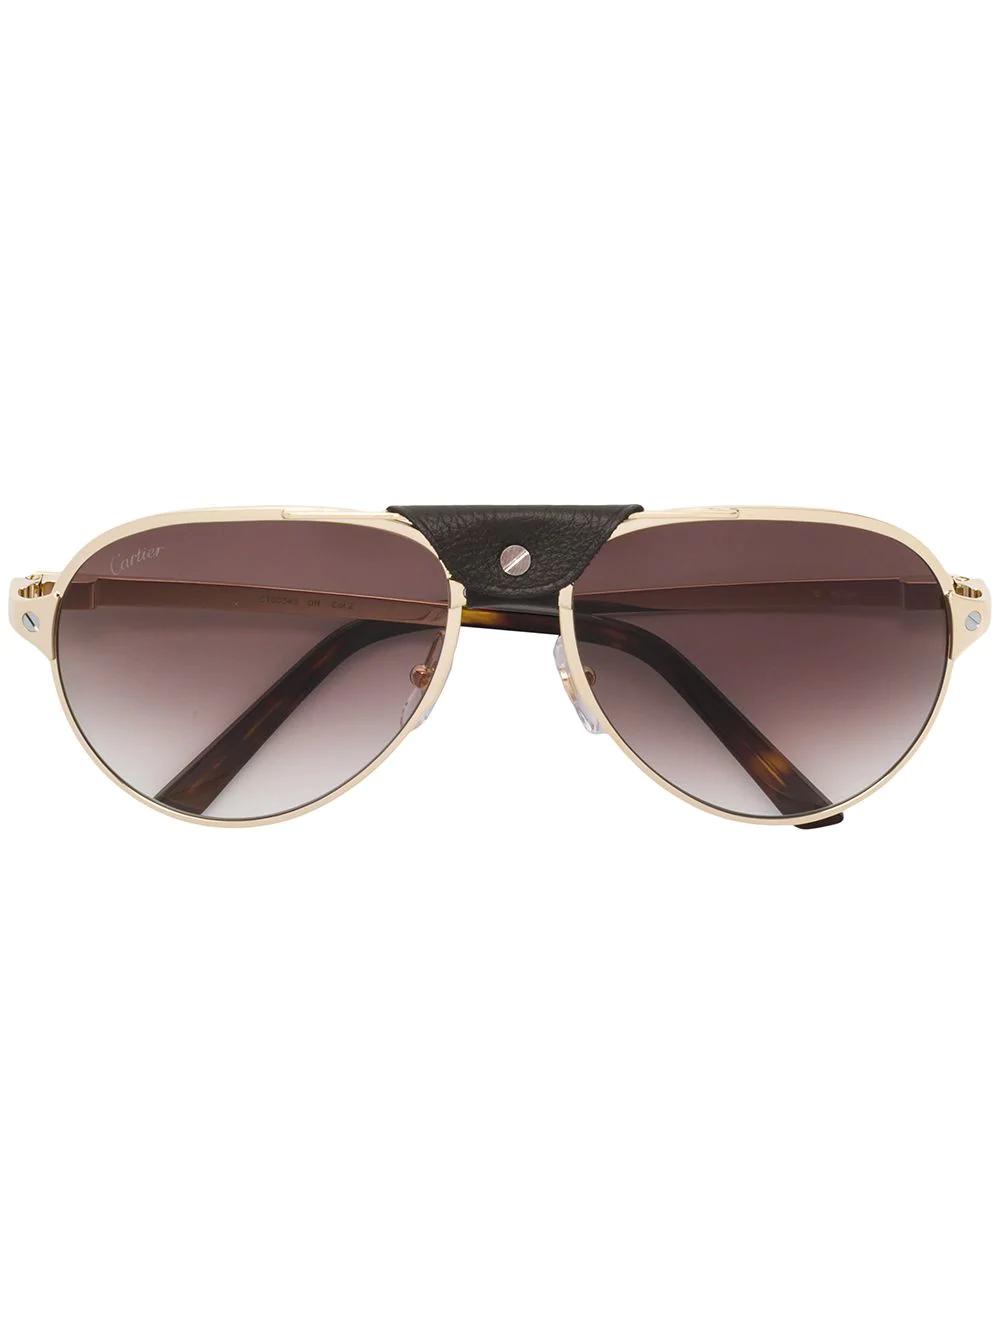 8e6d7558200e Cartier Santos De Sunglasses - Gold. Farfetch